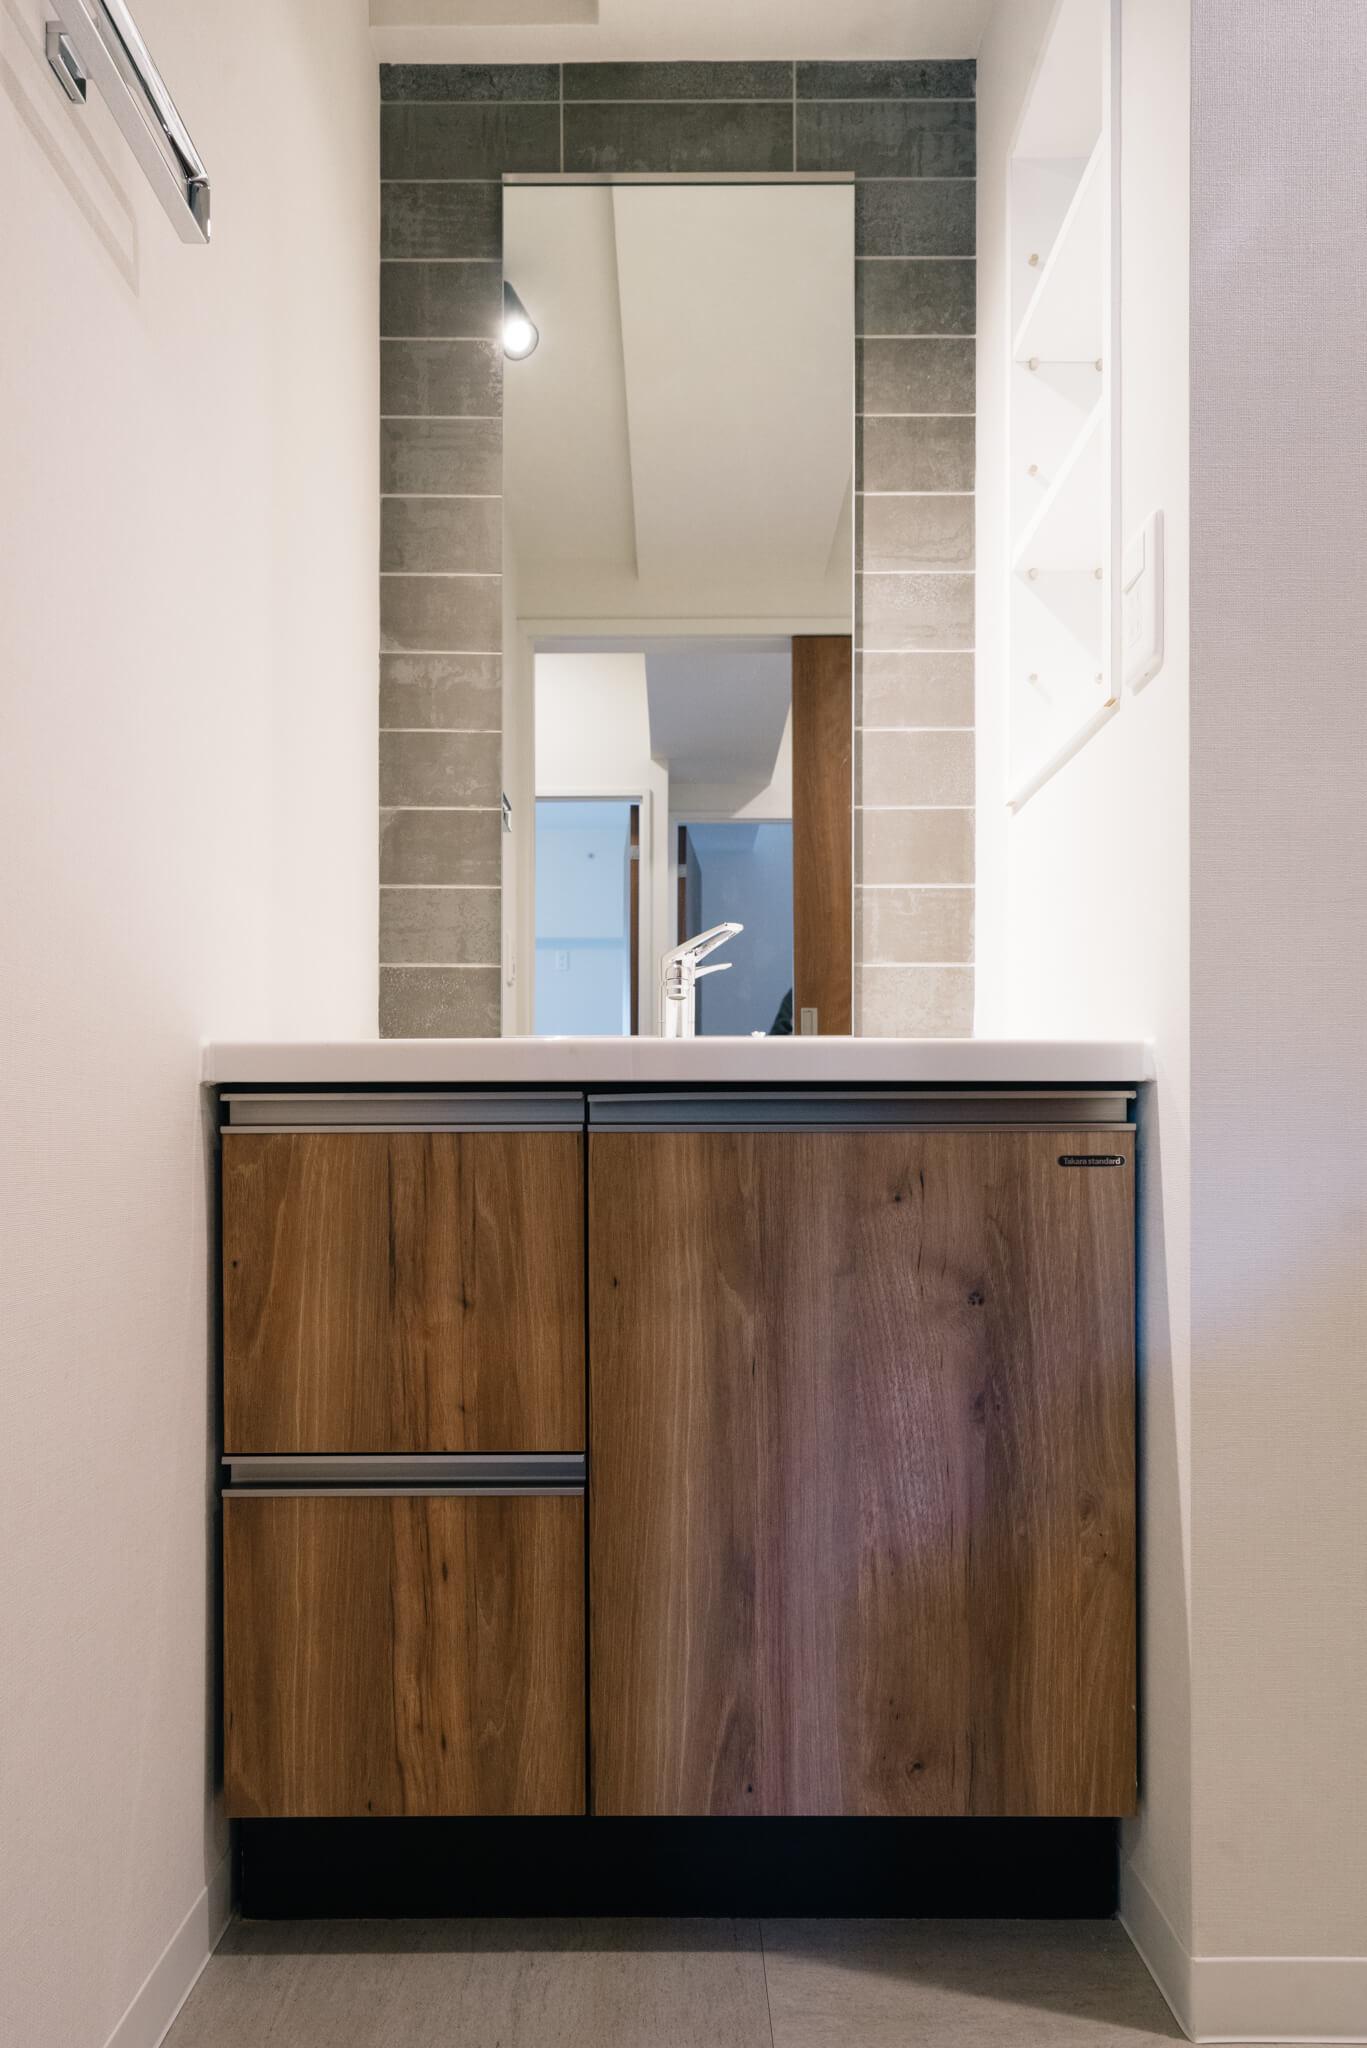 キッチンと同じタイルがあしらわれた洗面台。ホテルみたいなスタイリッシュな雰囲気。